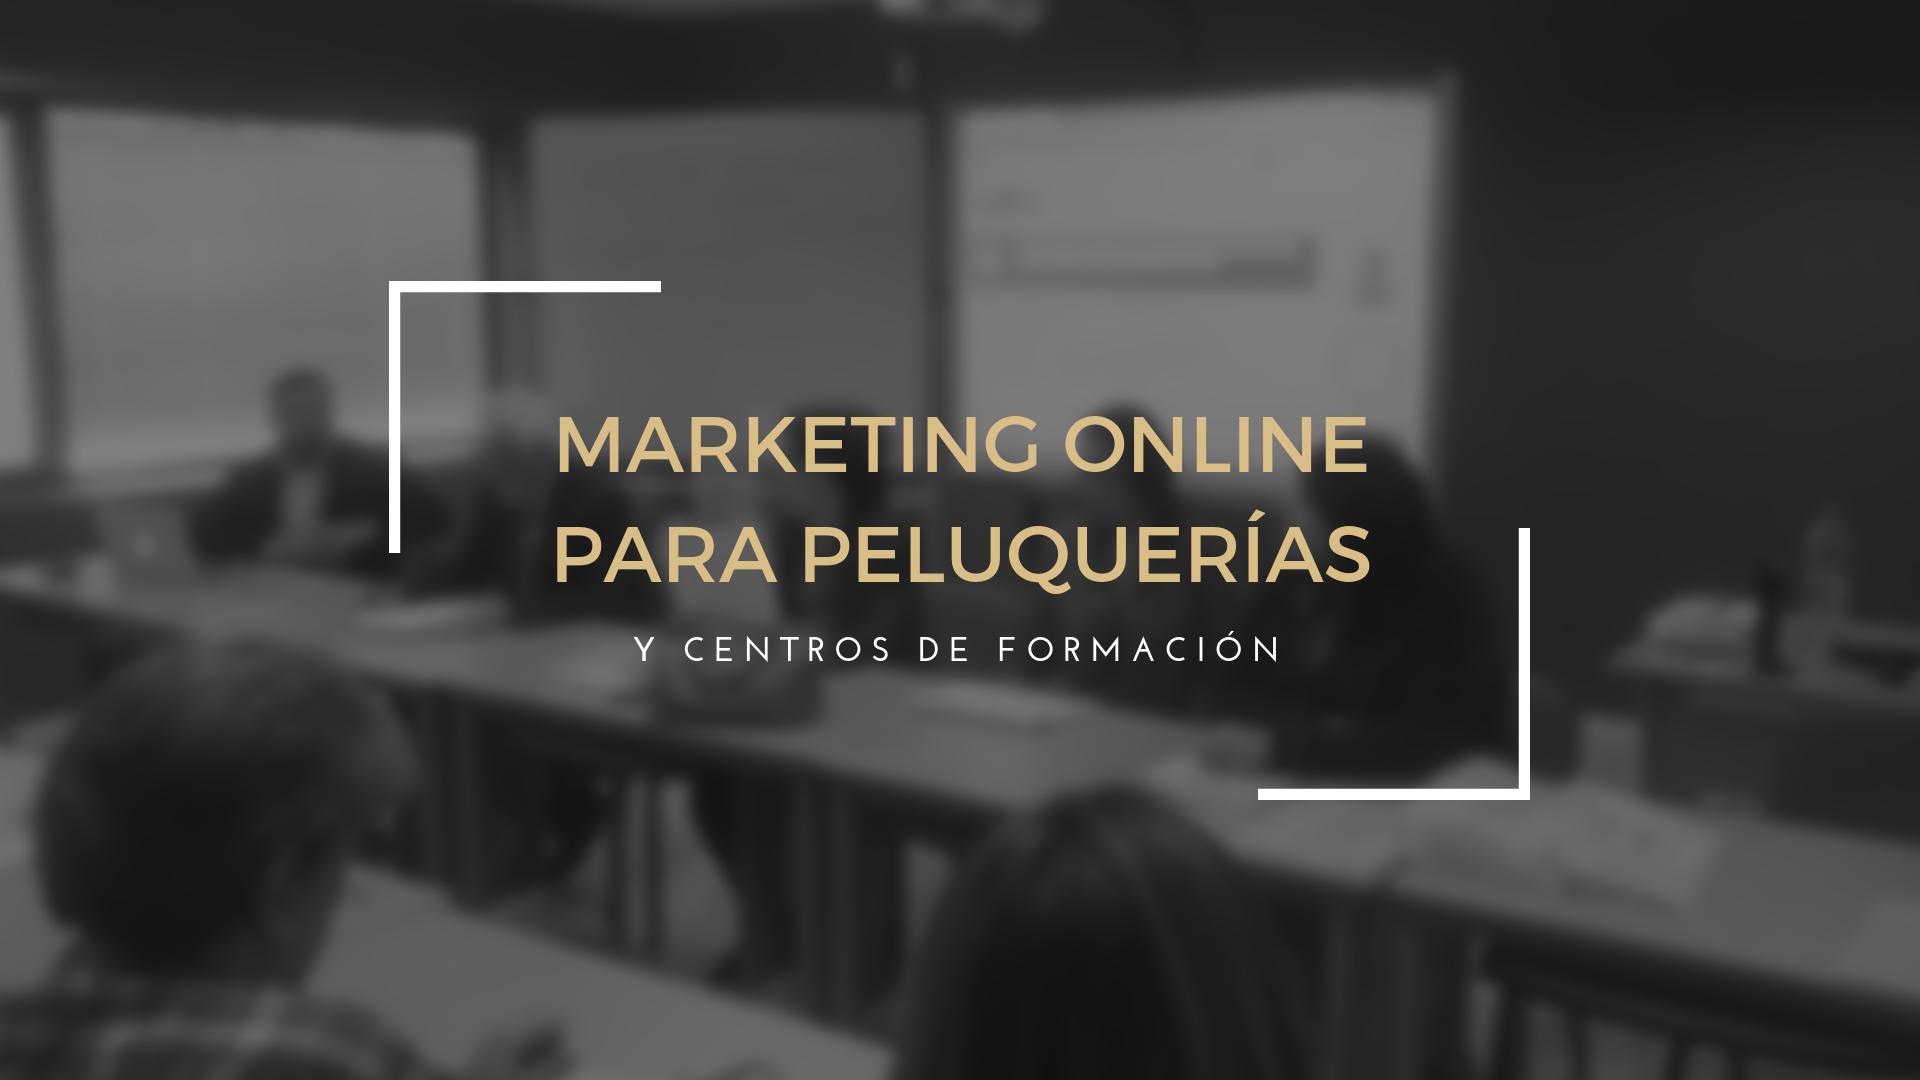 Marketing Online para Peluquerías y Centros Formación